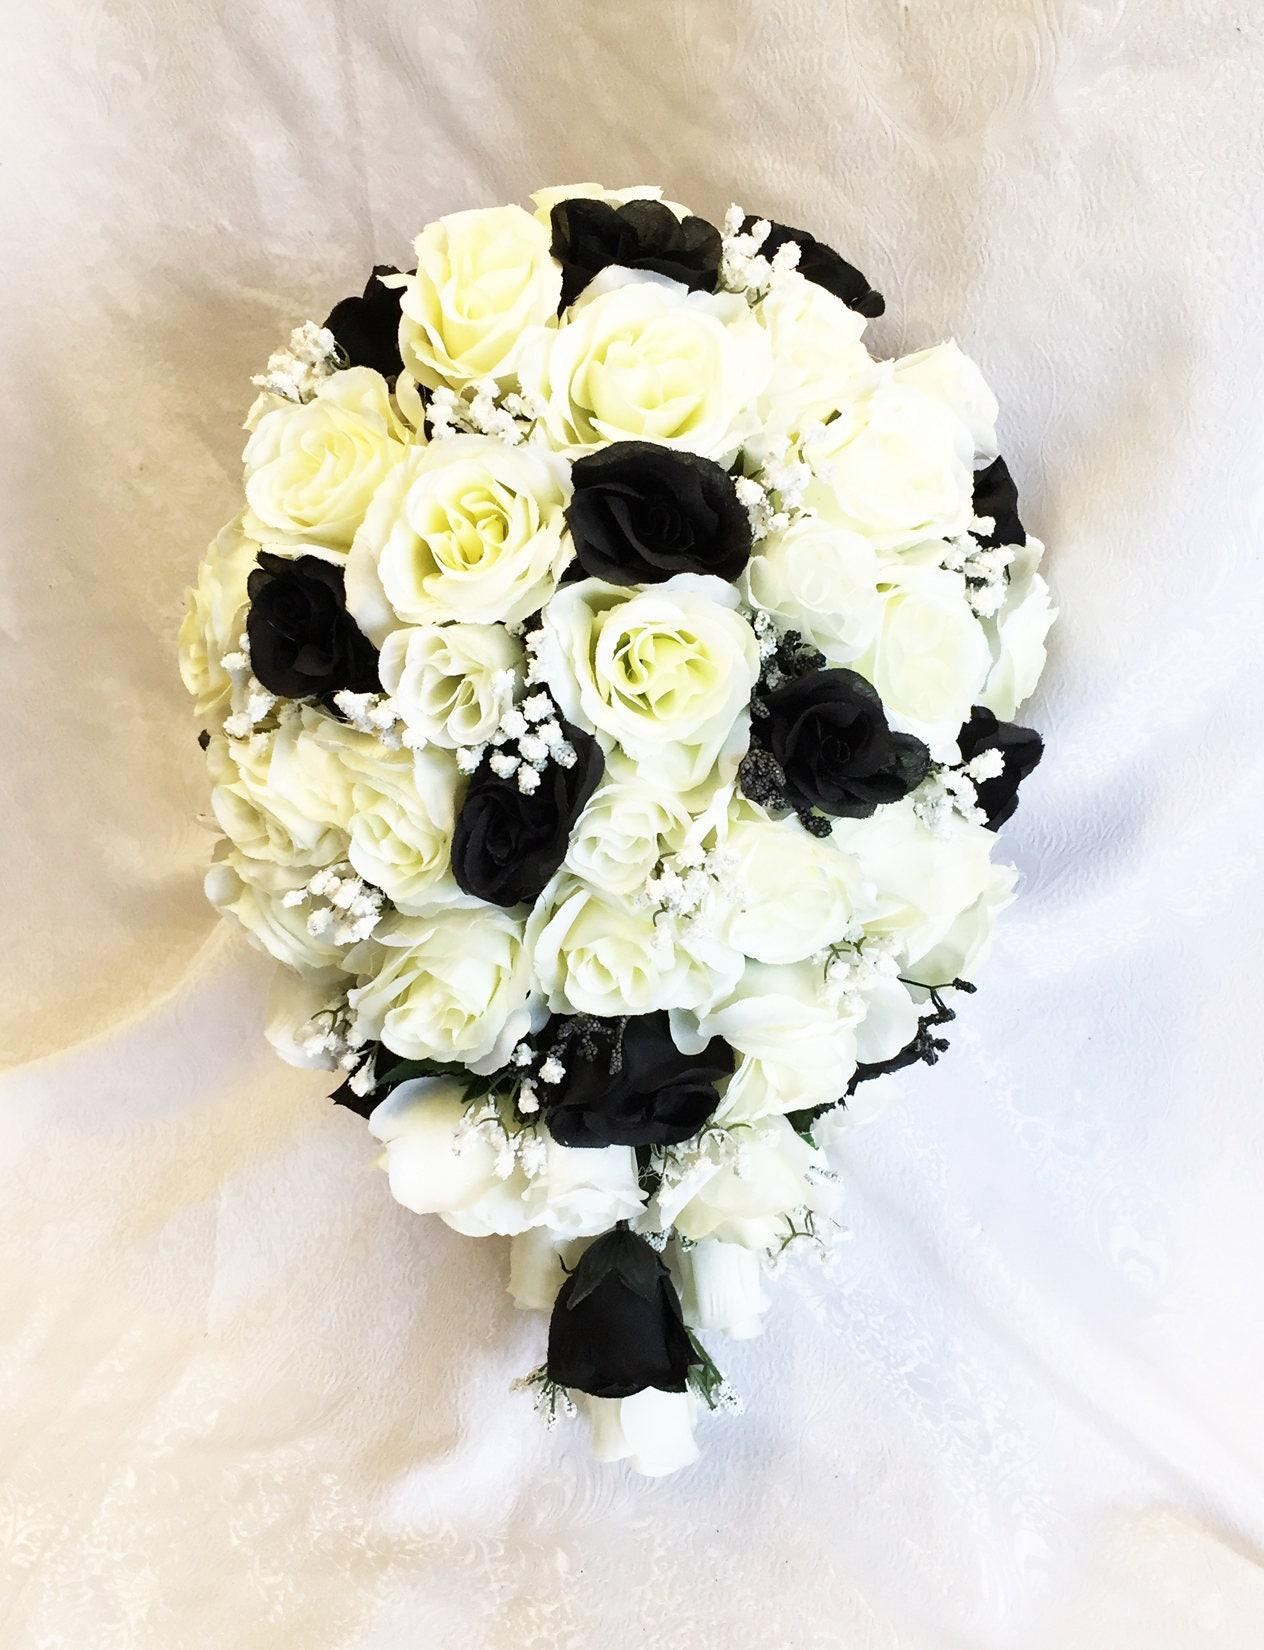 Schwarz & weiß oder Creme Kaskade Brautstrauß mit | Etsy